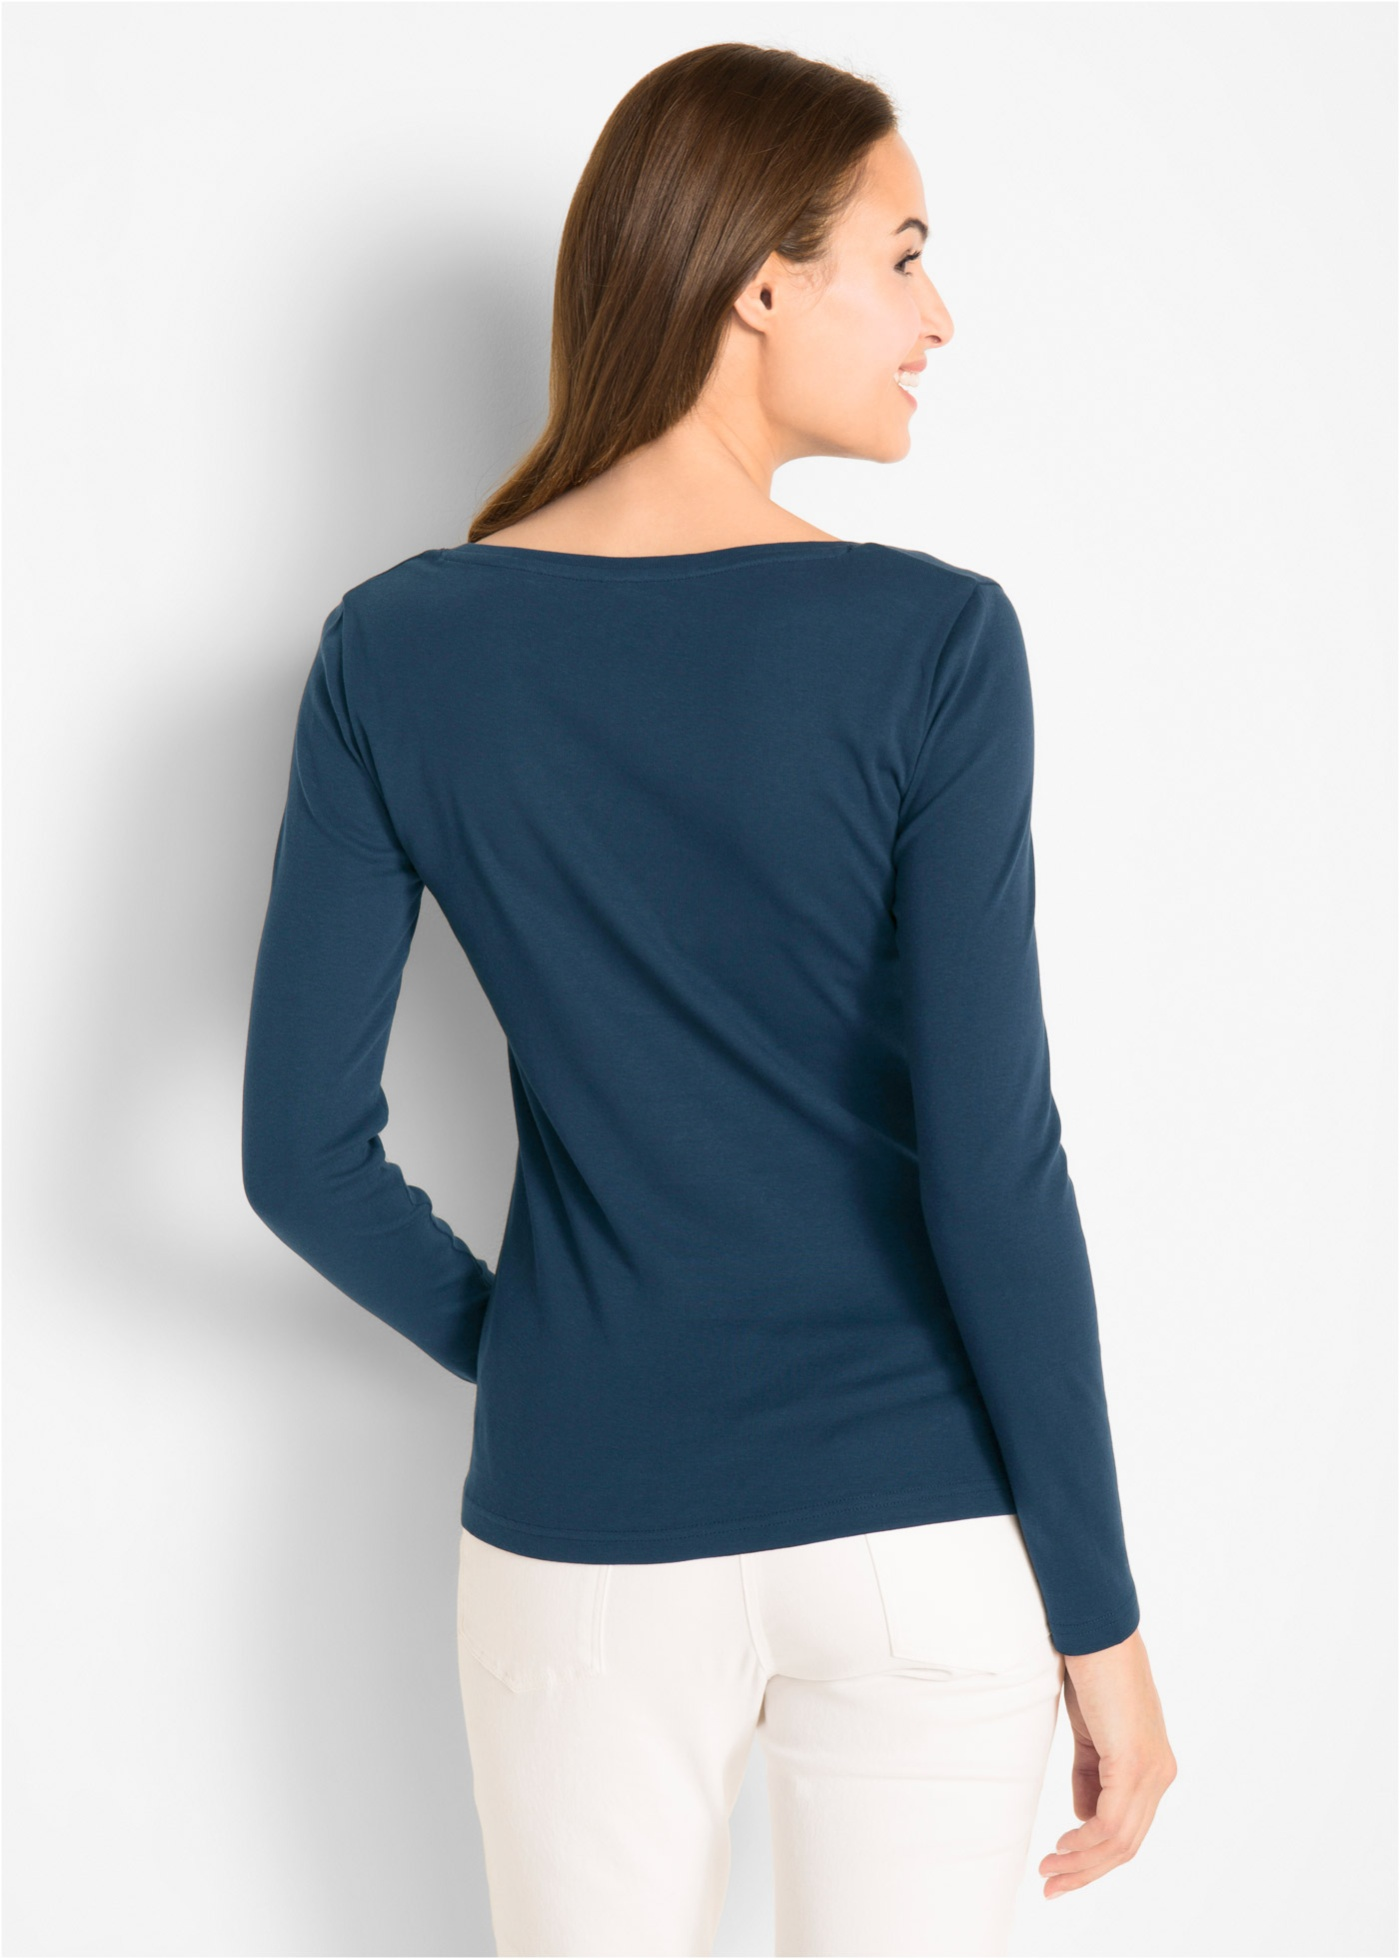 T-shirt col rond en coton, manches longues